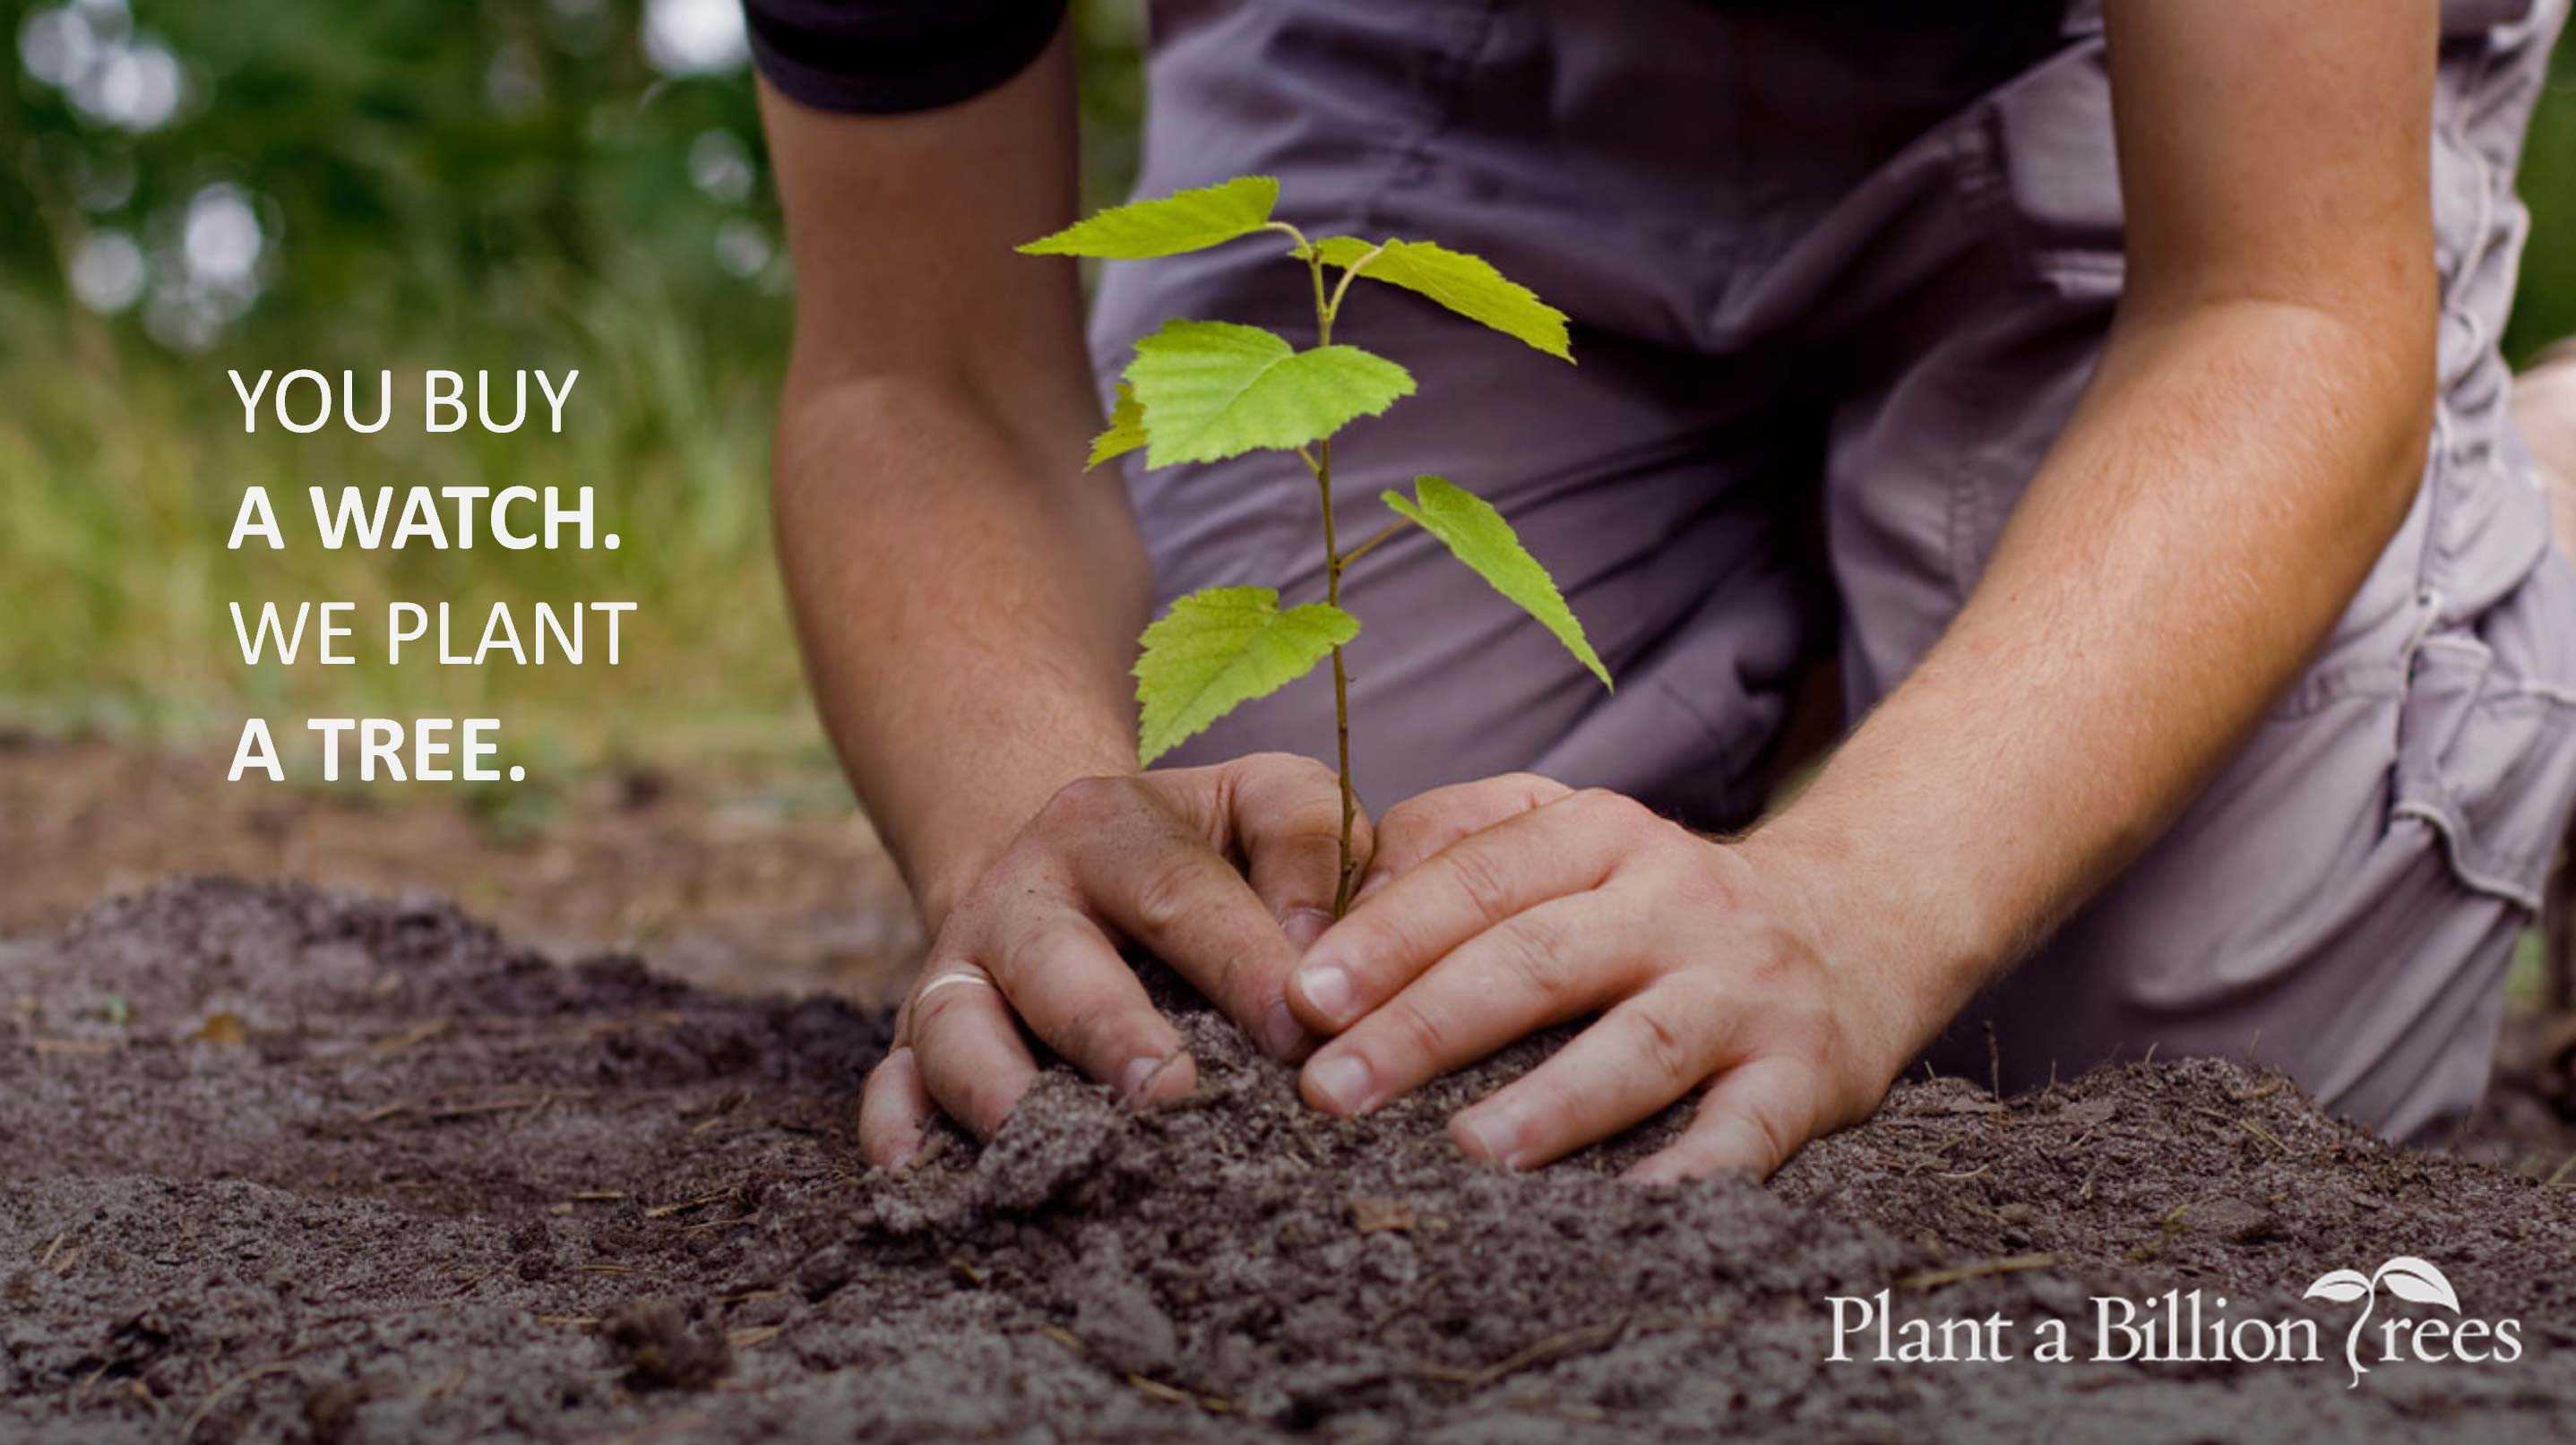 Voor elk verkocht houten horloge planten wij een boom